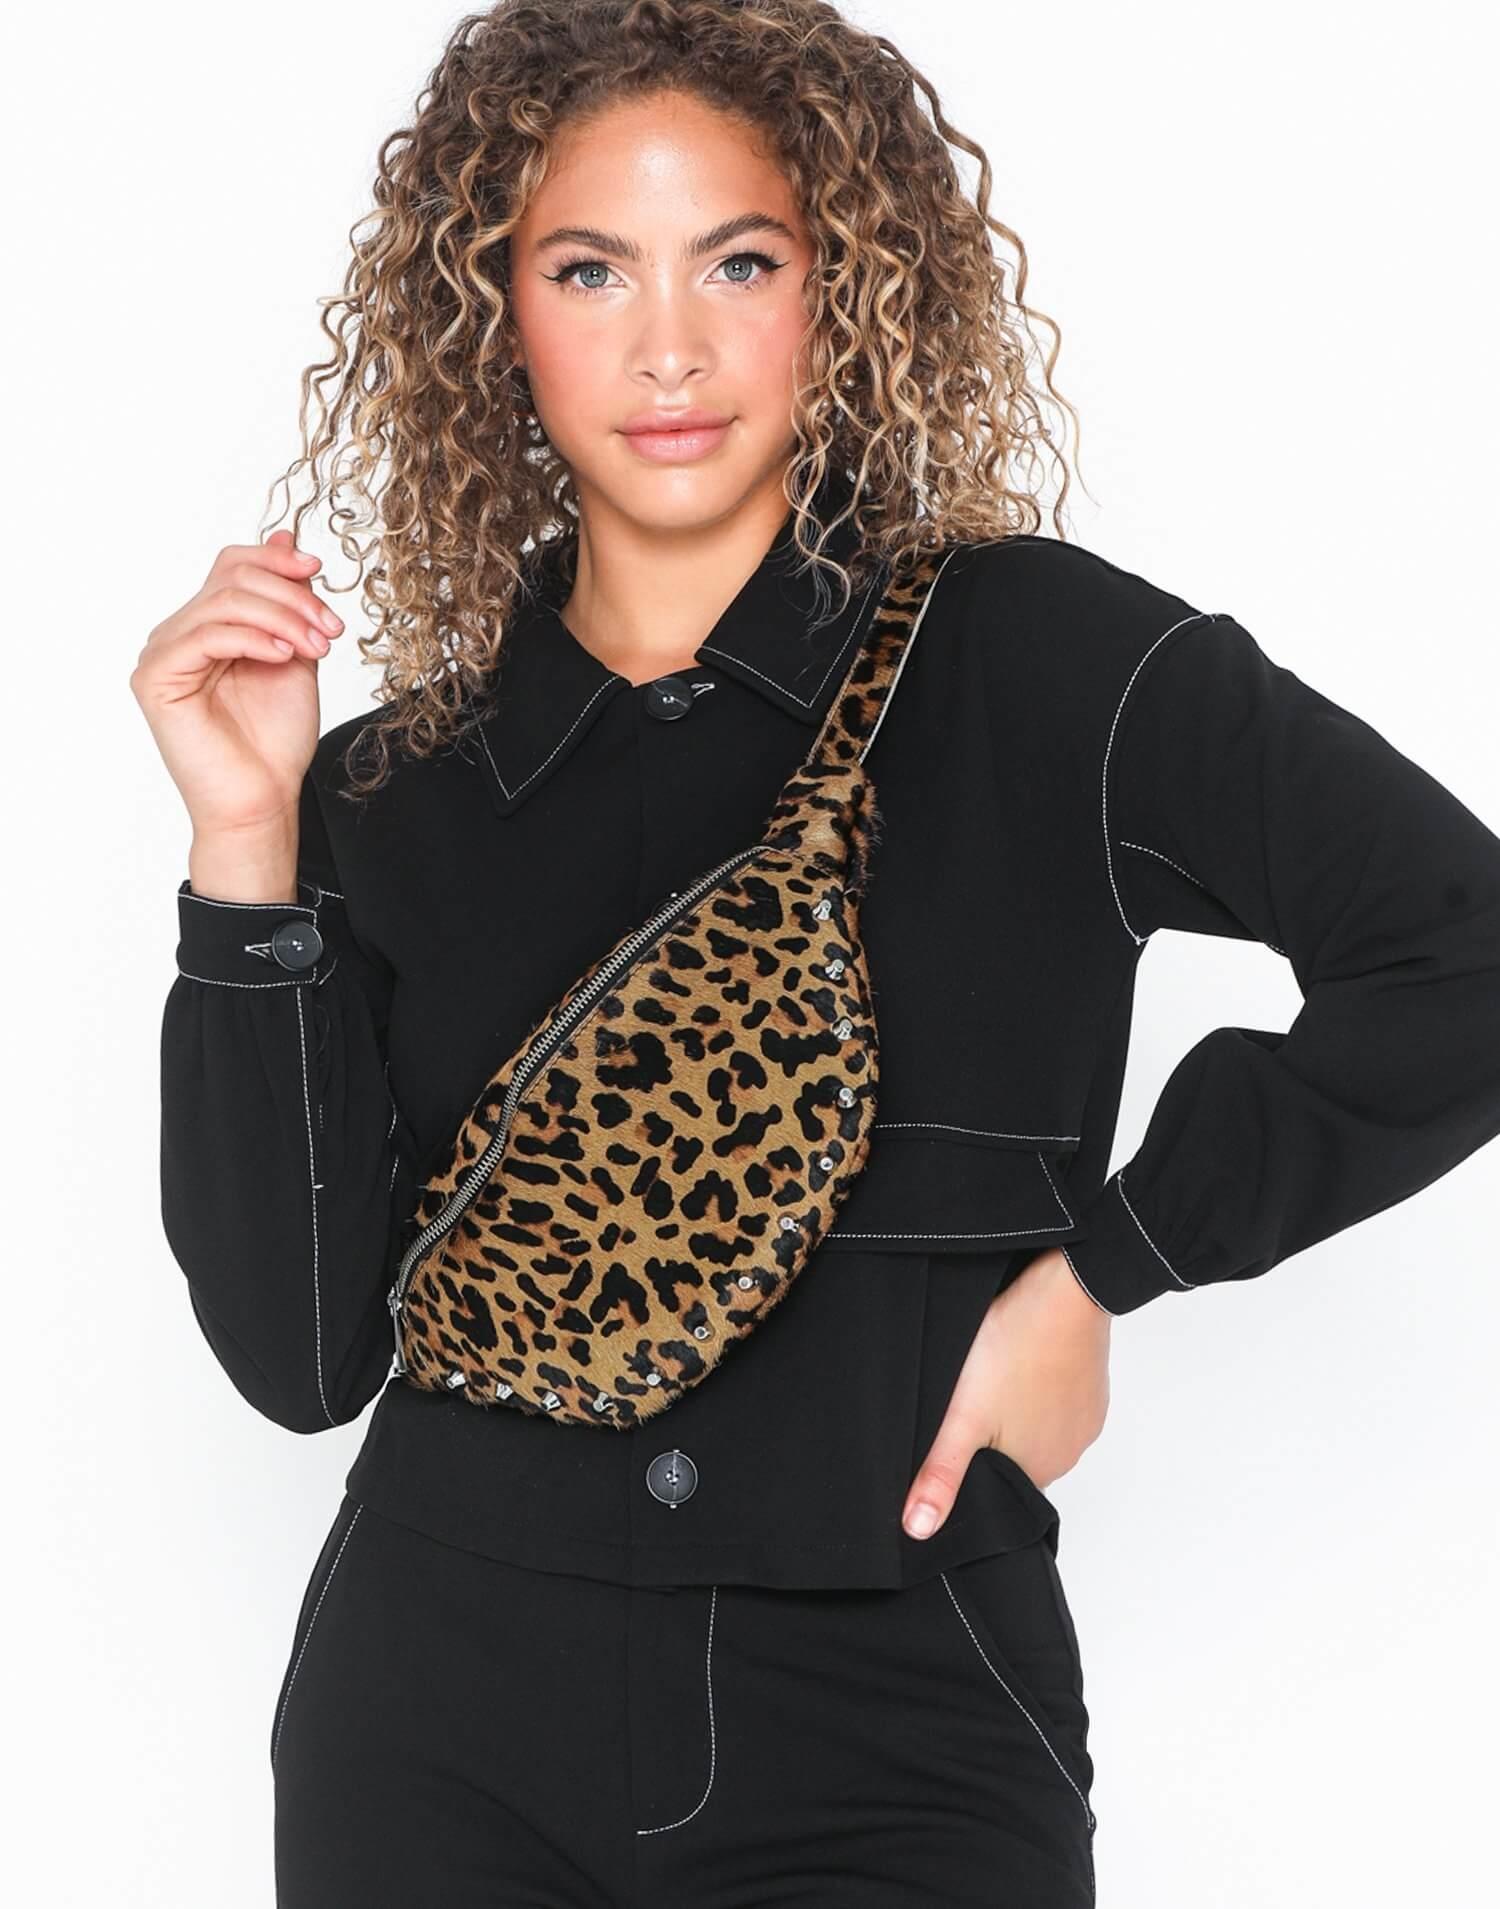 Magväska från Unlimit med stort fack och dragkedja. Leopardmönster i läder och nitdetaljer med justerbart band.